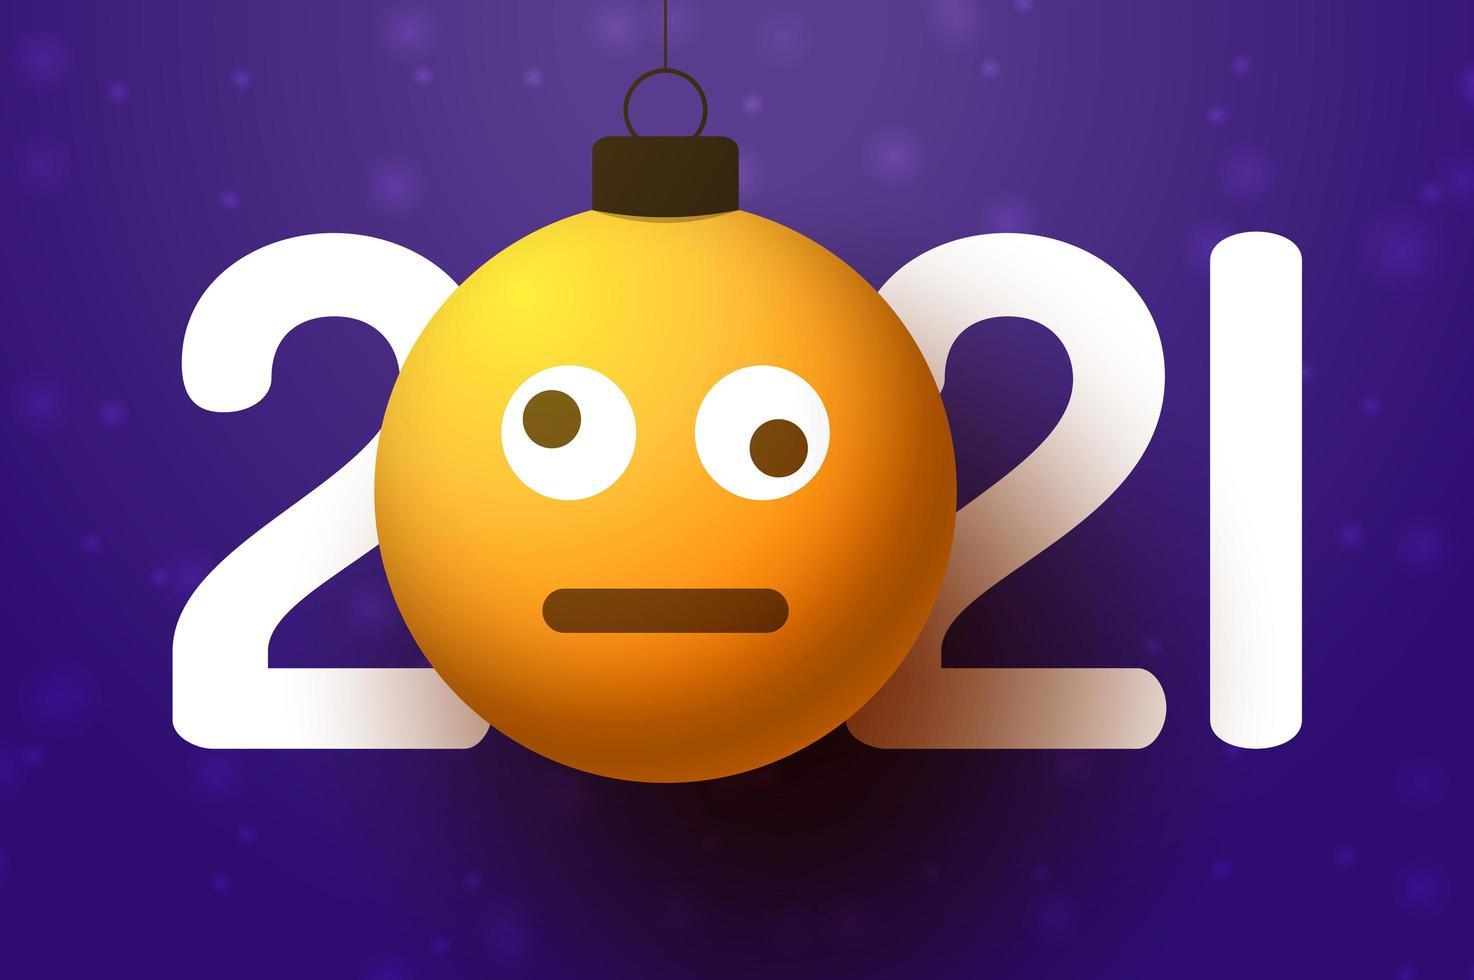 Voeux de nouvel an 2021 avec ornement de visage emoji confus vecteur